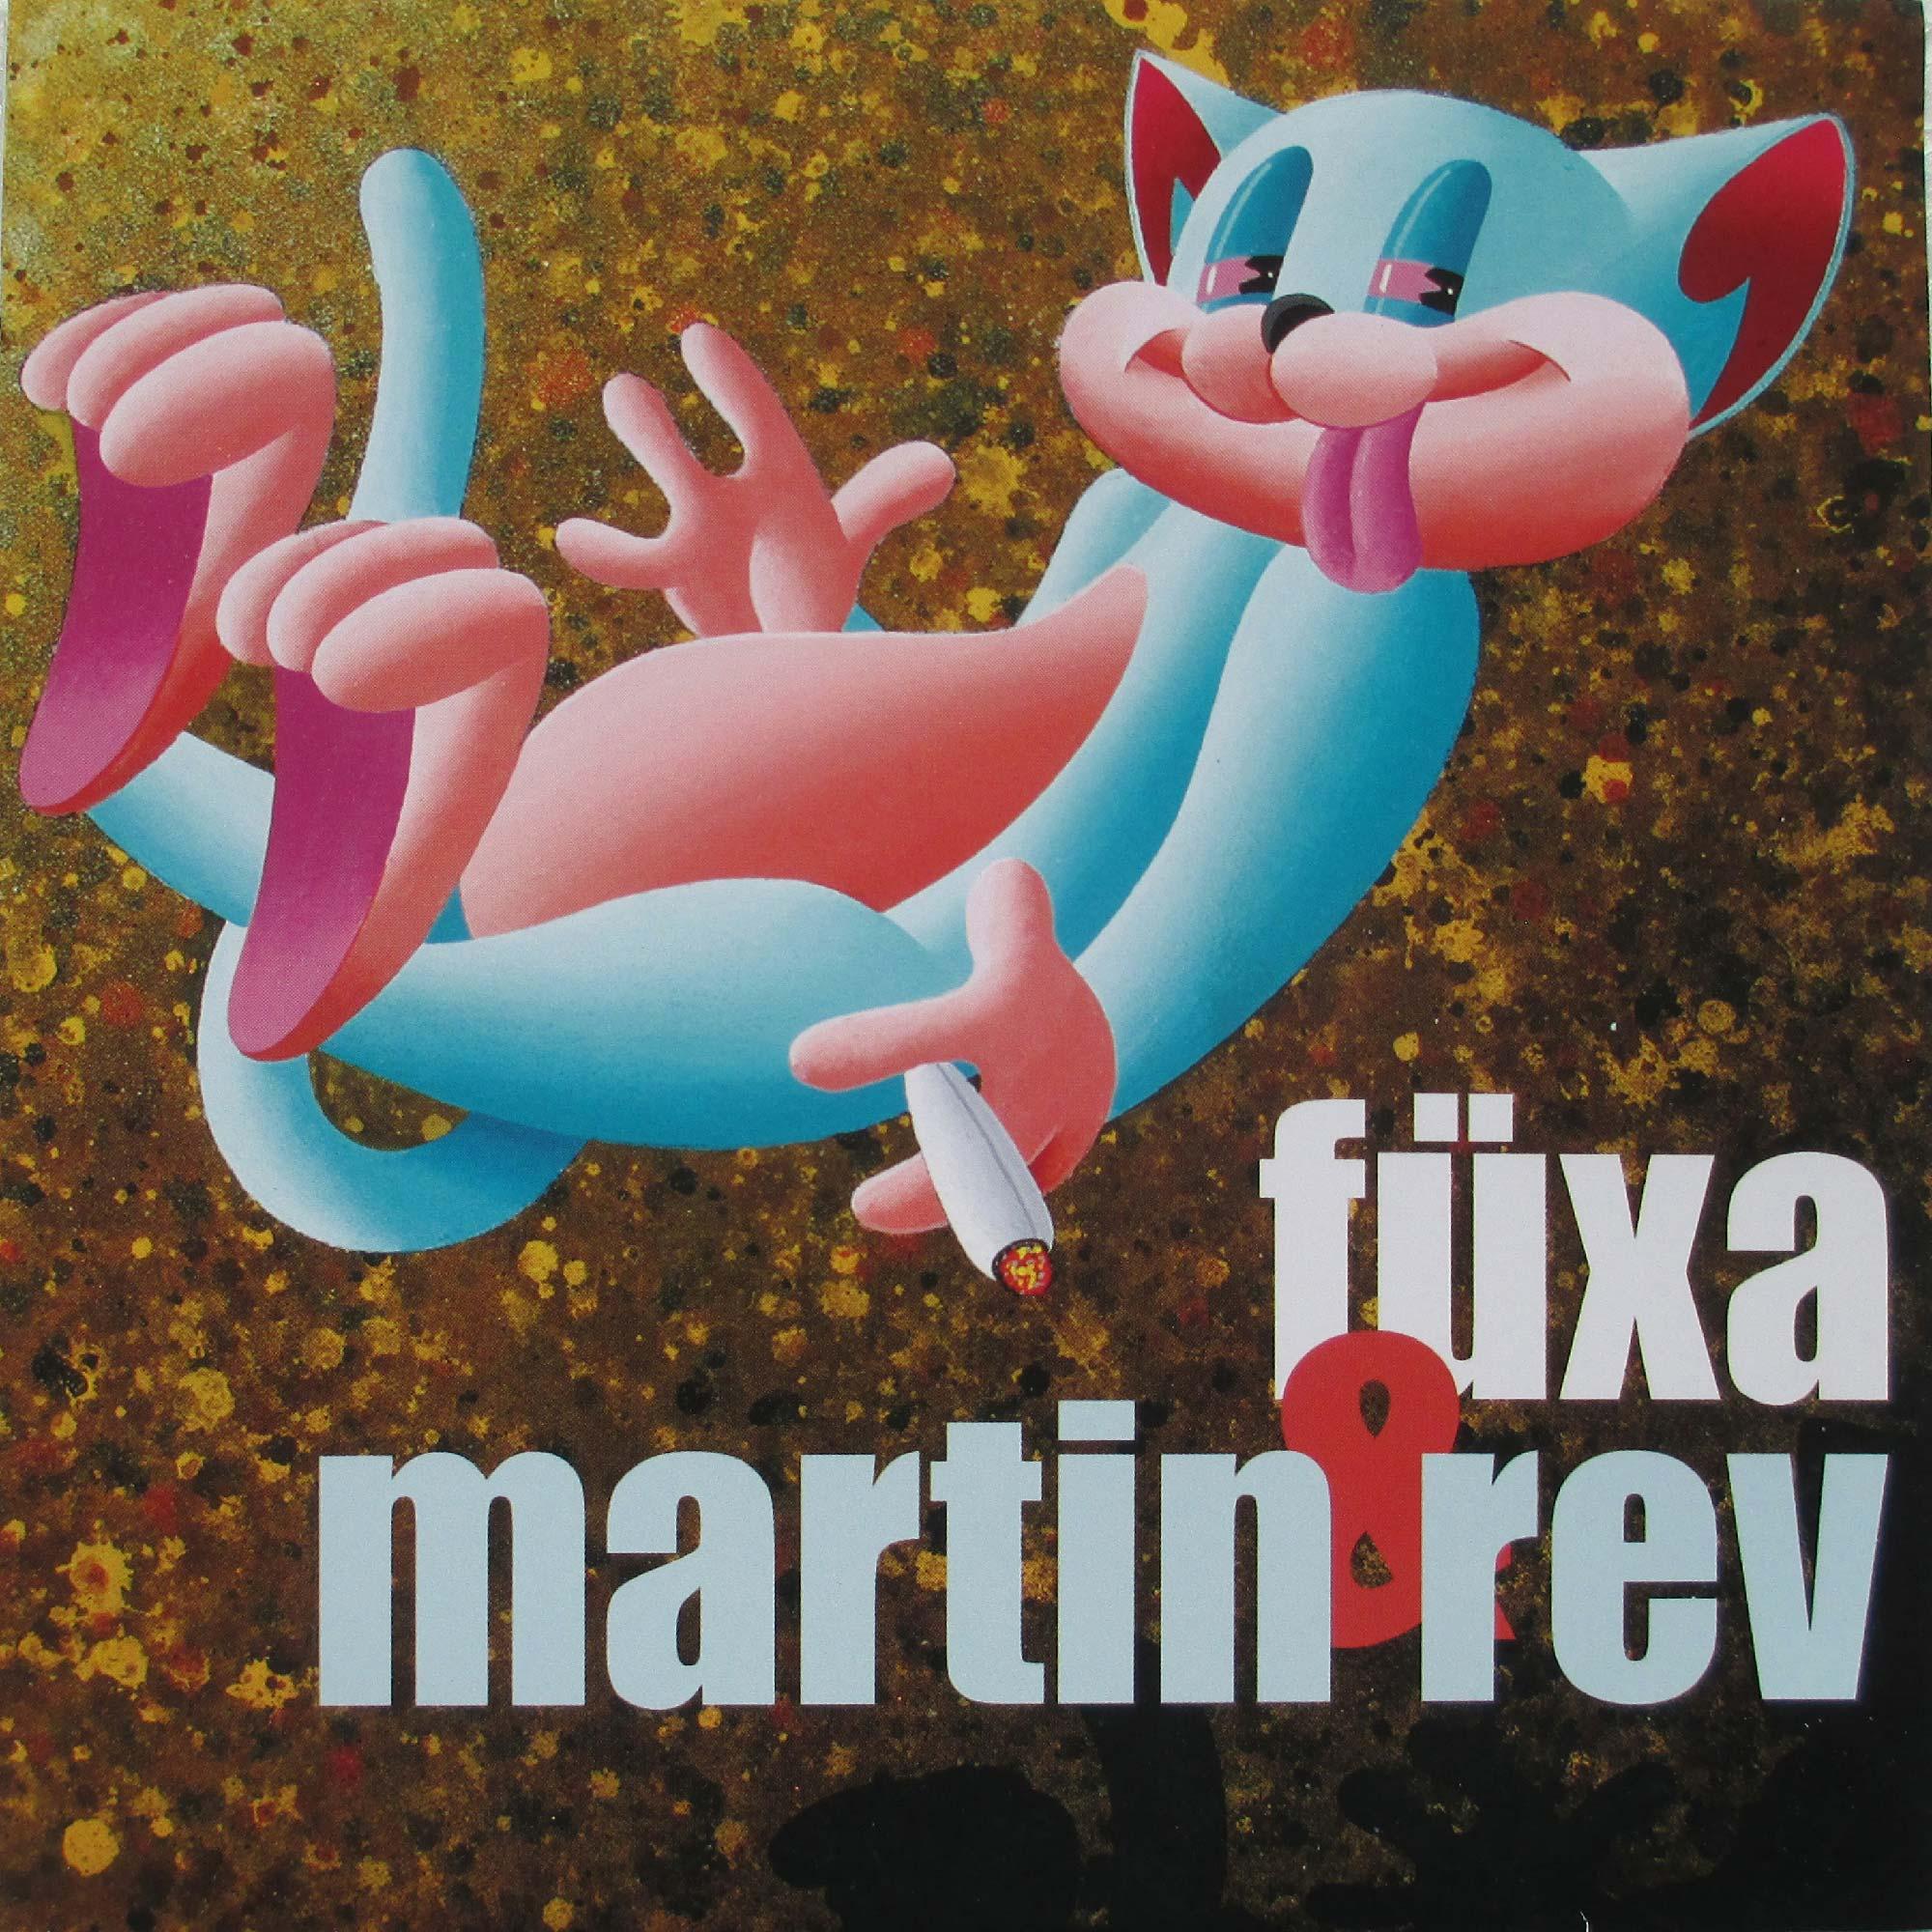 Füxa & Martin Rev